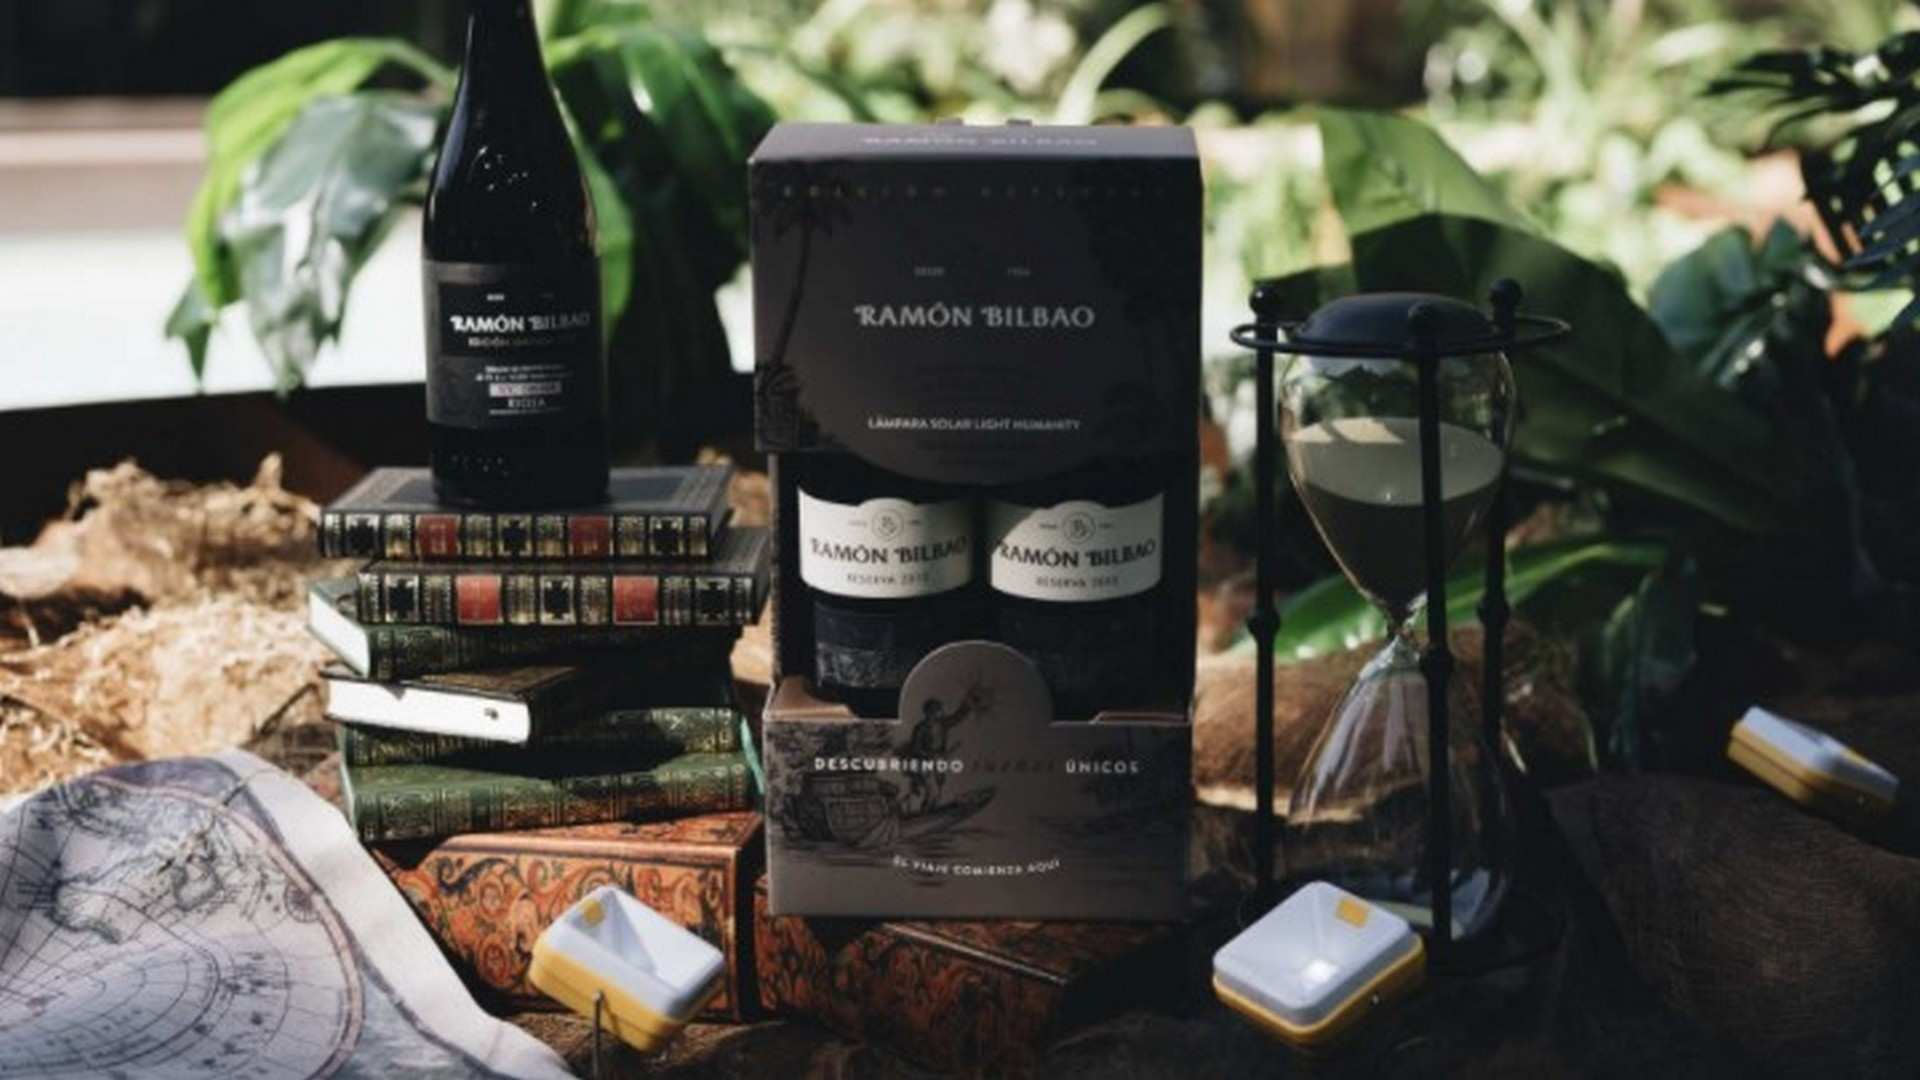 Los vinos de Ramón Bilbao que iluminan el Amazonas